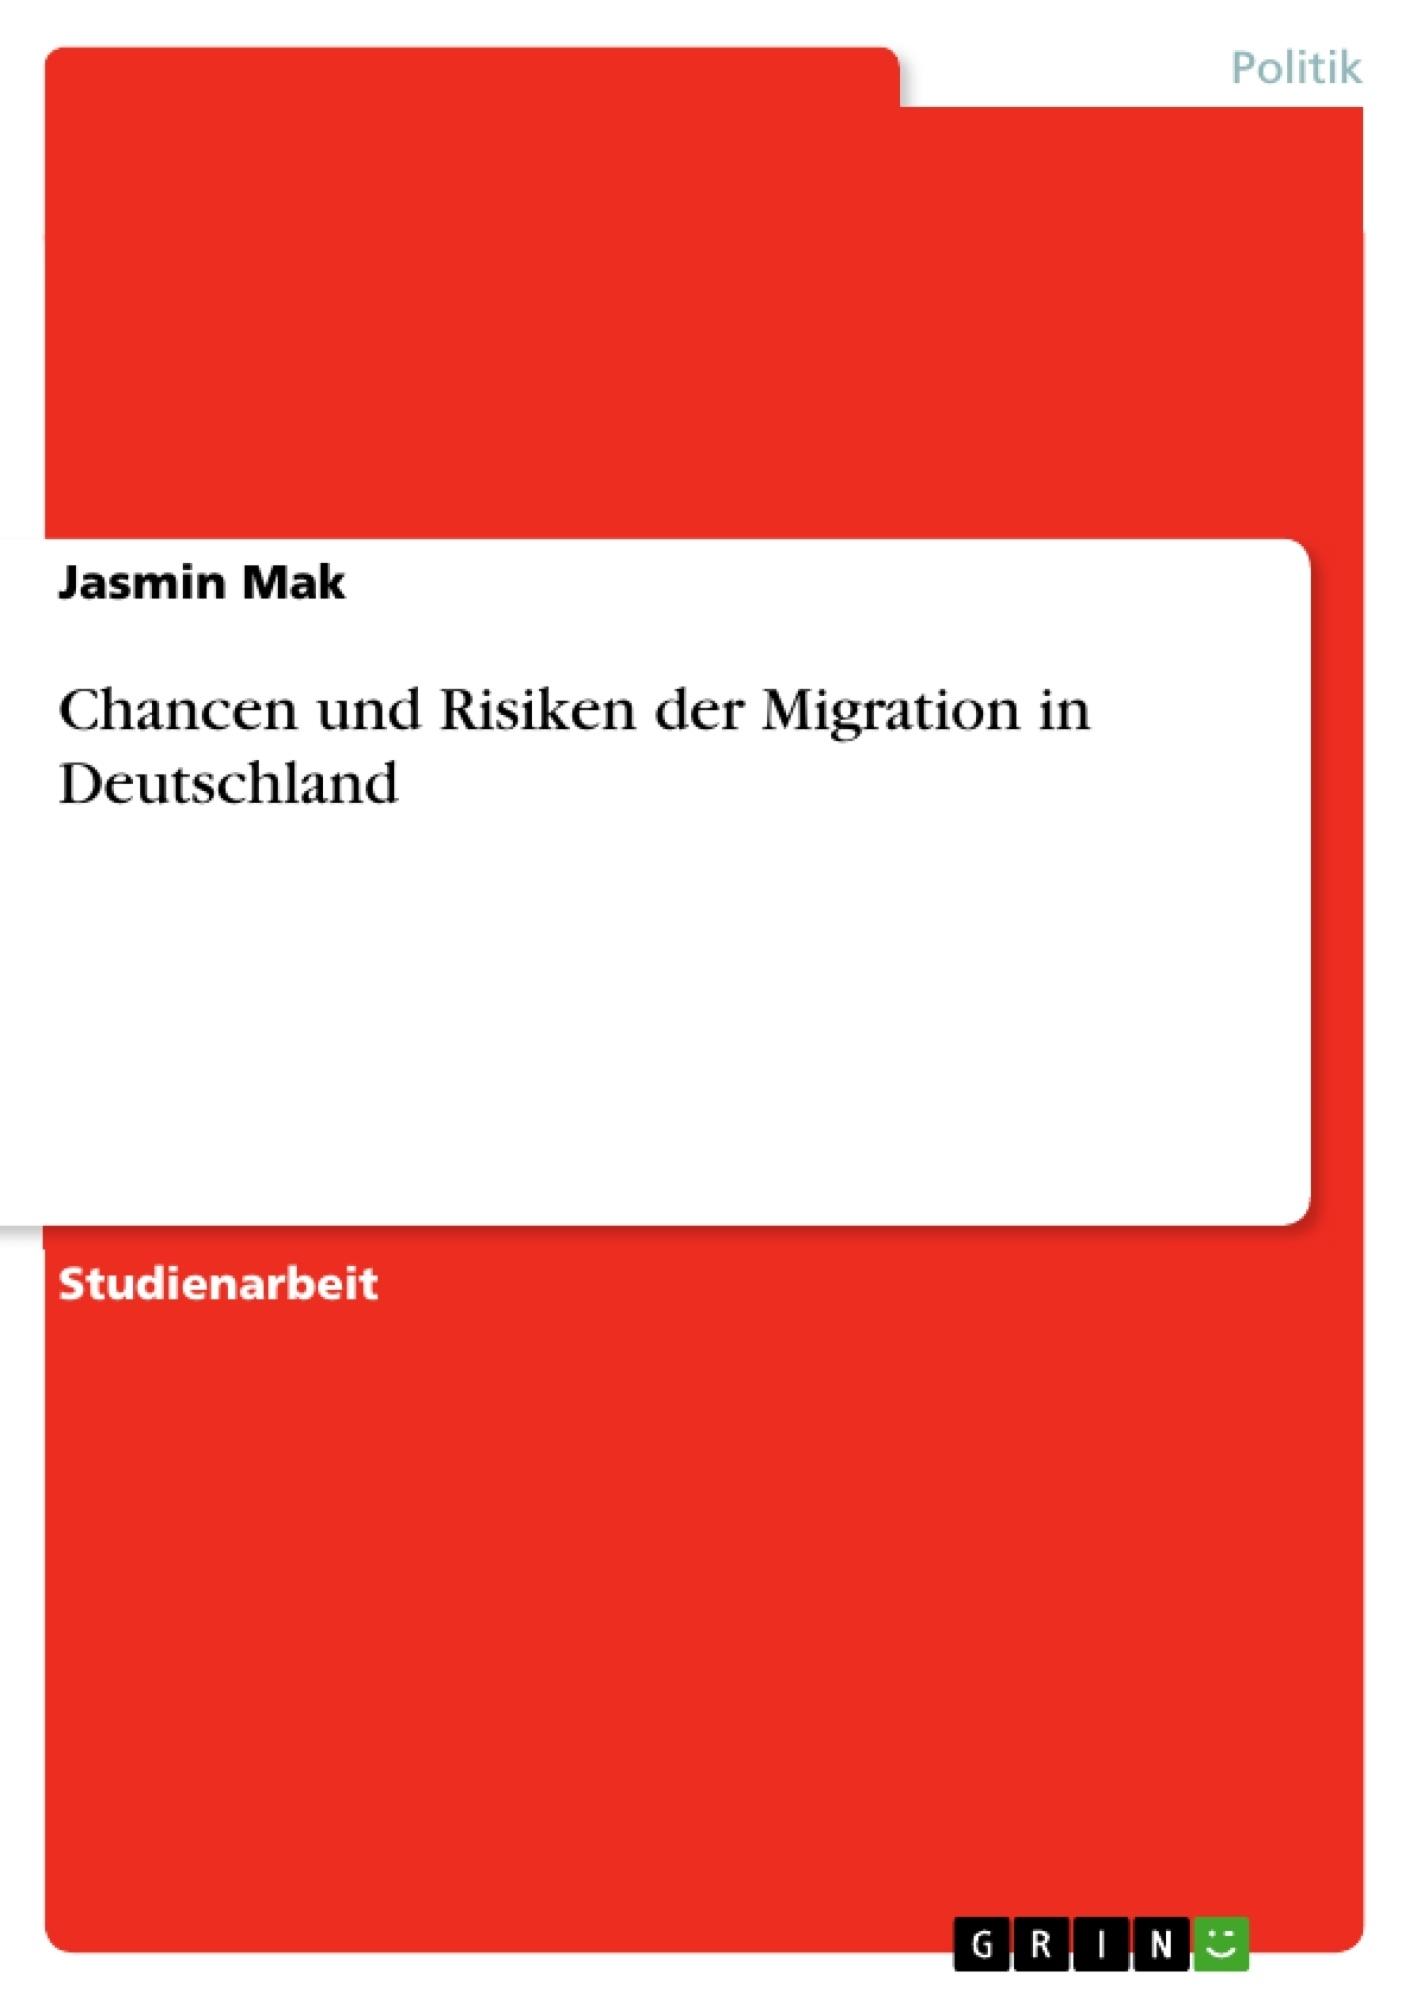 Titel: Chancen und Risiken der Migration in Deutschland